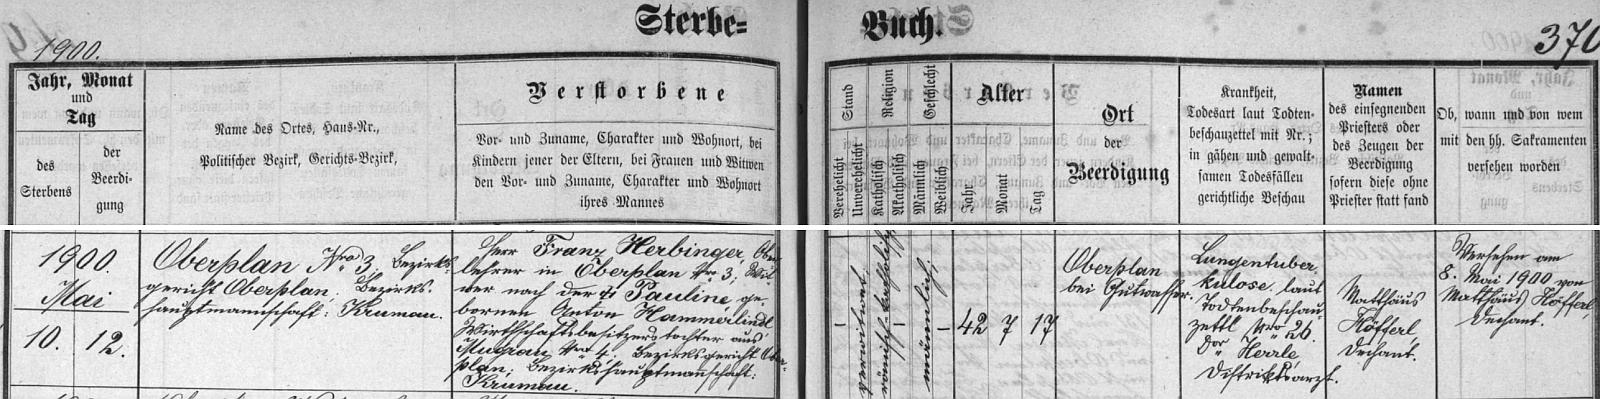 Záznam hornoplánské úmrtní matriky o jeho zdejším skonu na plicní tuberkulózu